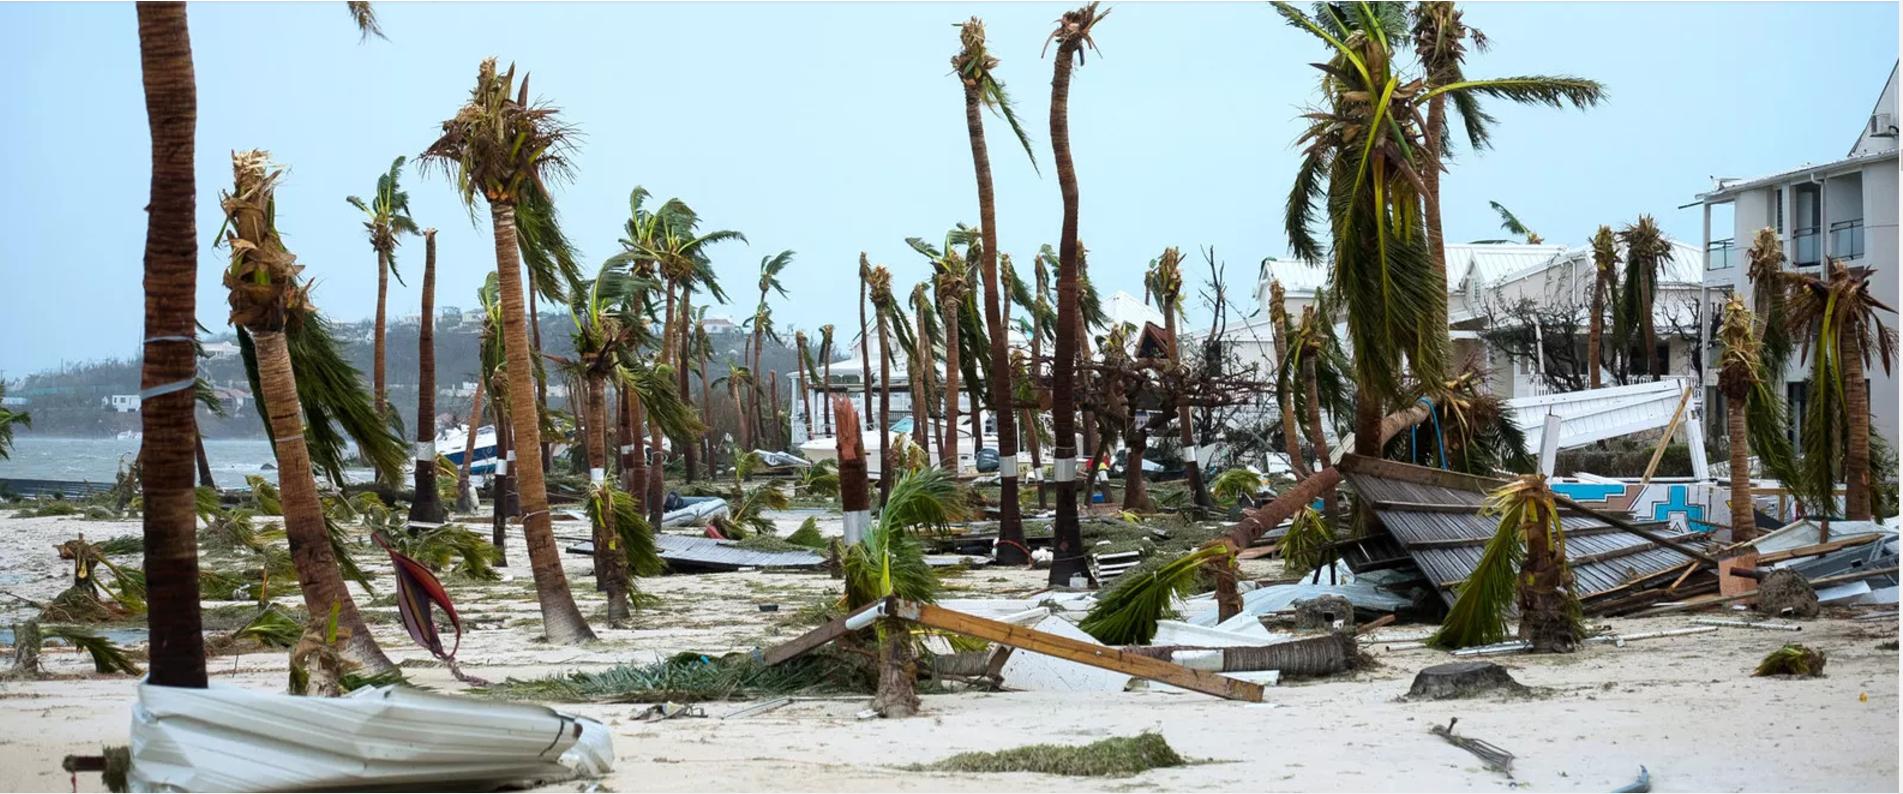 playa - Viajar  o no al Caribe o a Miami después del Huracán Irma.